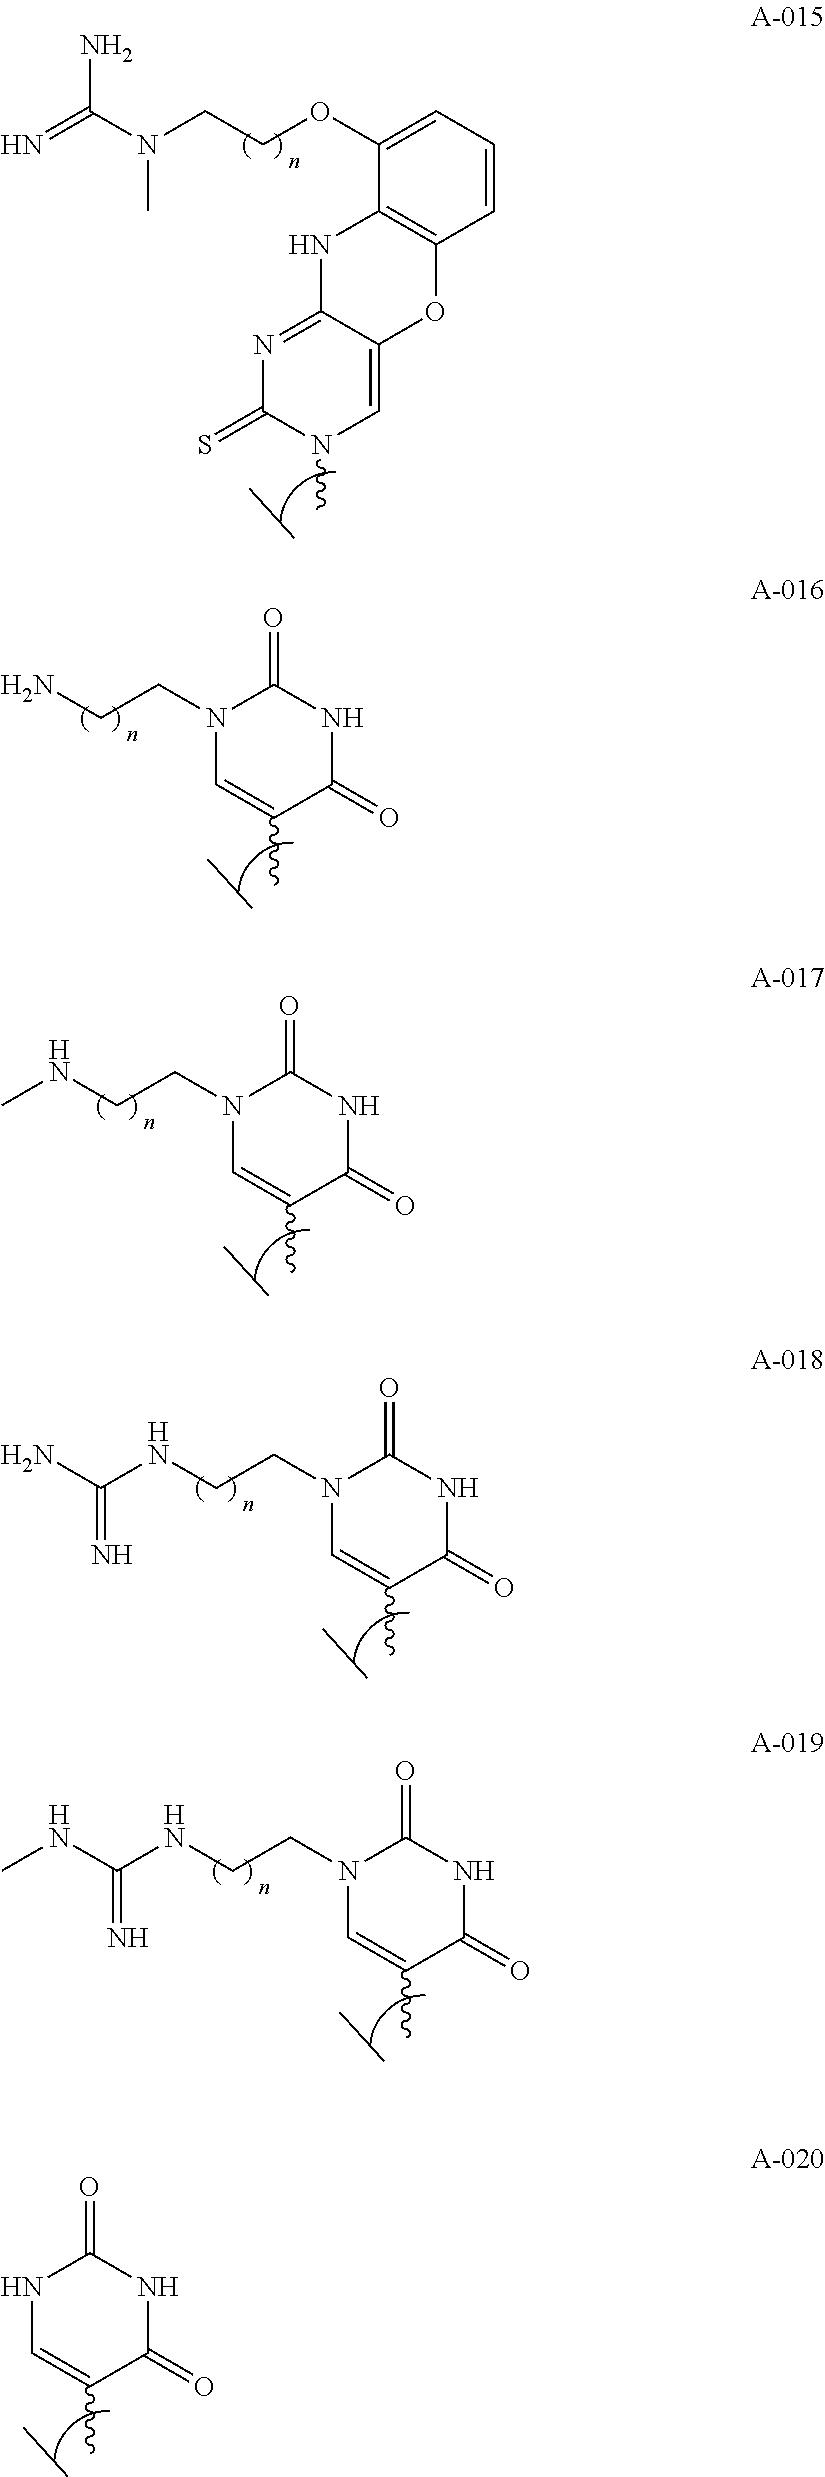 Figure US20110118339A1-20110519-C00020